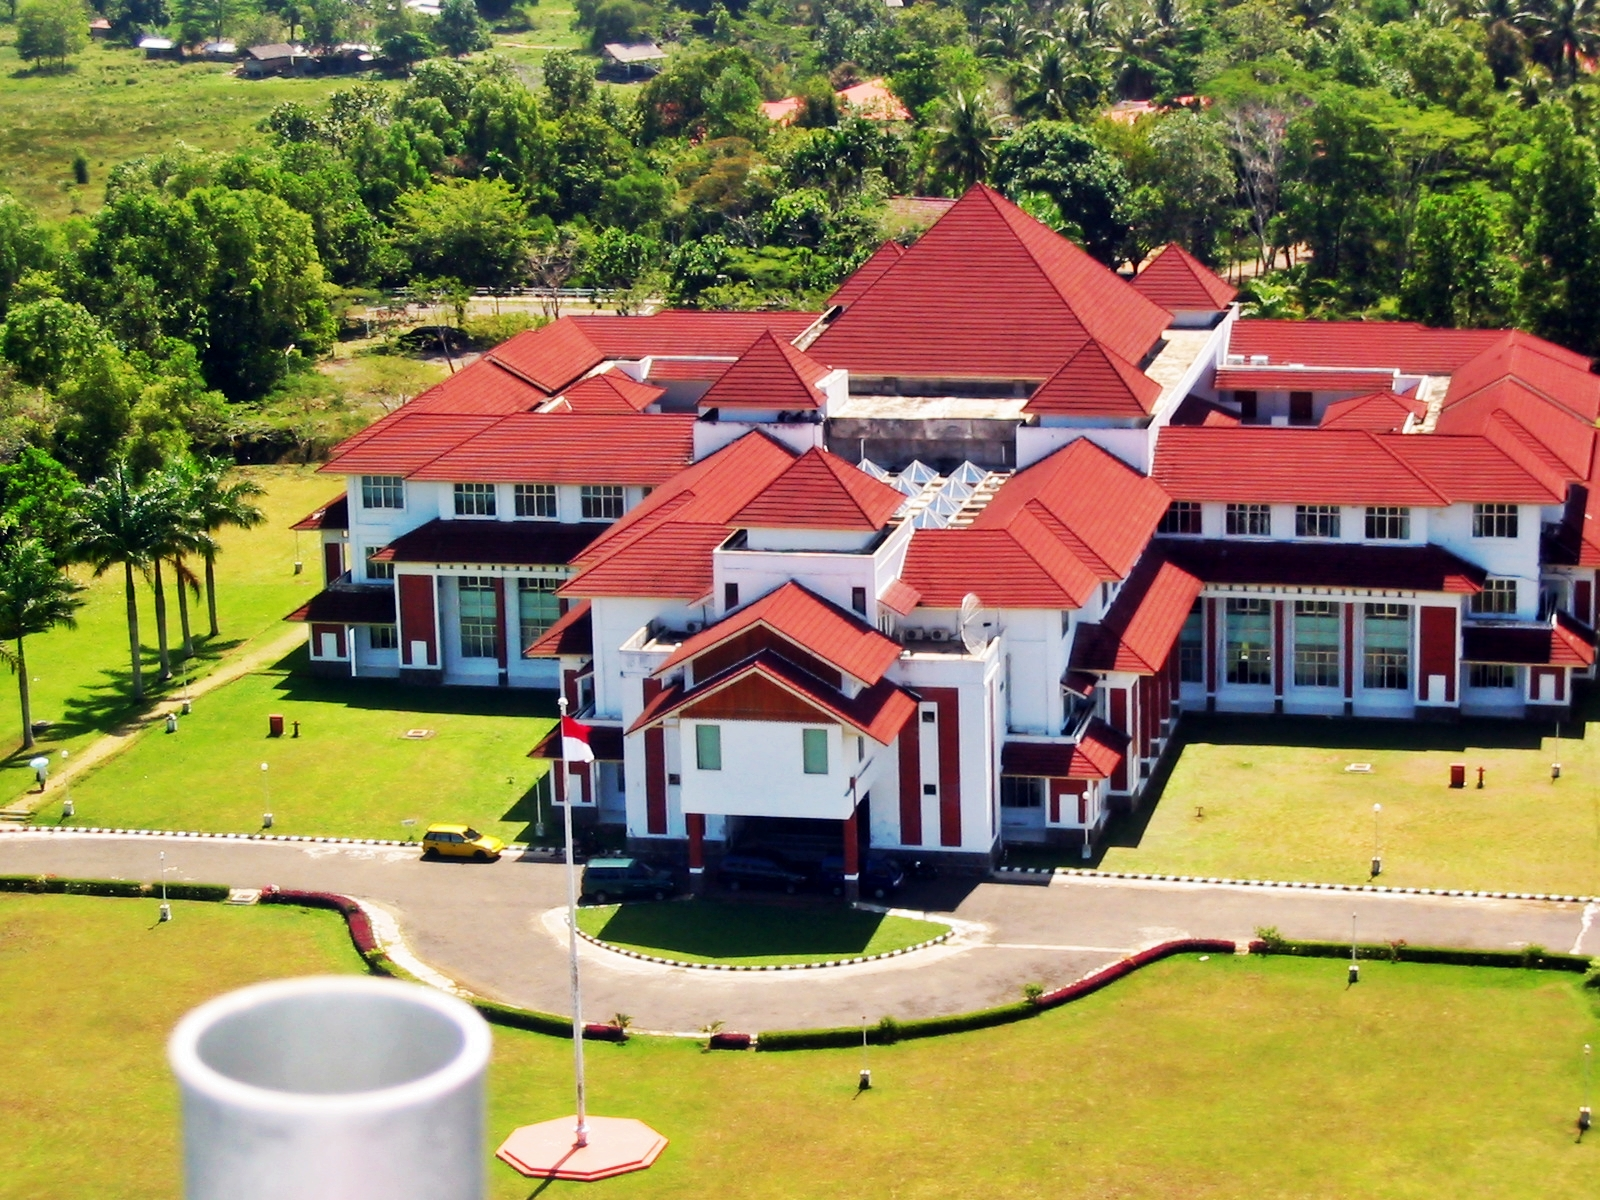 Lowongan Kerja Terbaru Di Bengkulu Lowongan Kerja Indosat Agustus 2016 Terbaru Info Cpns Prediksi Passing Grade Universitas Bengkulu Unib Untuk Tahun 2016